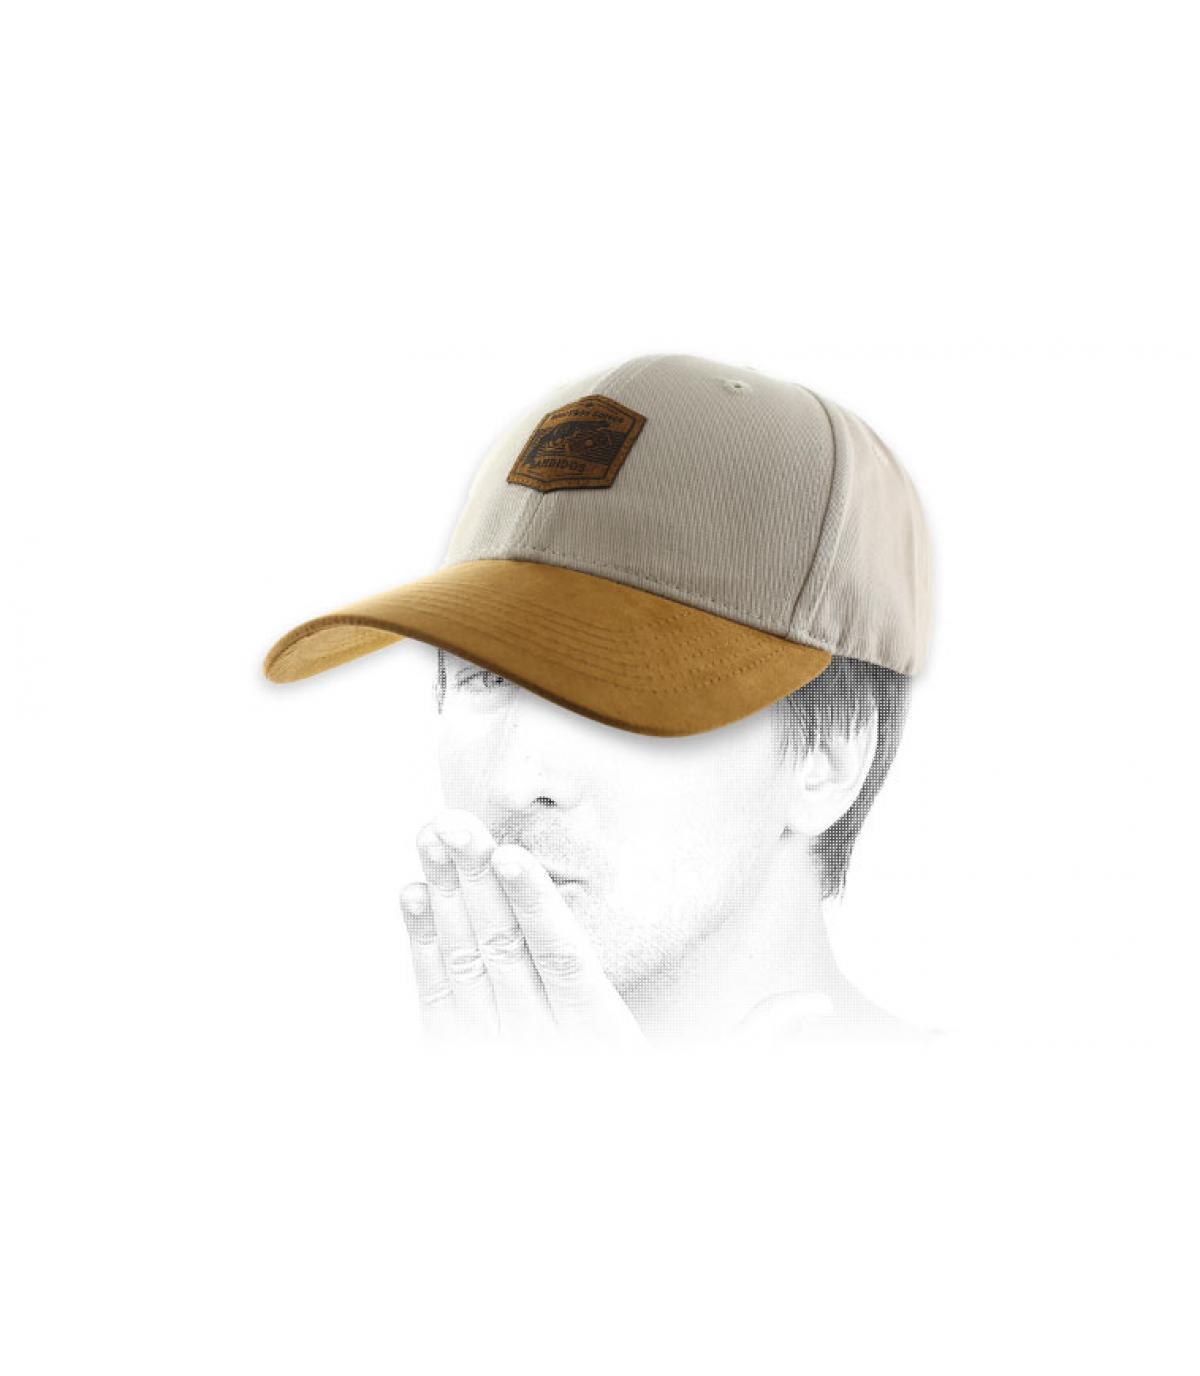 Bandidos beige suede cap